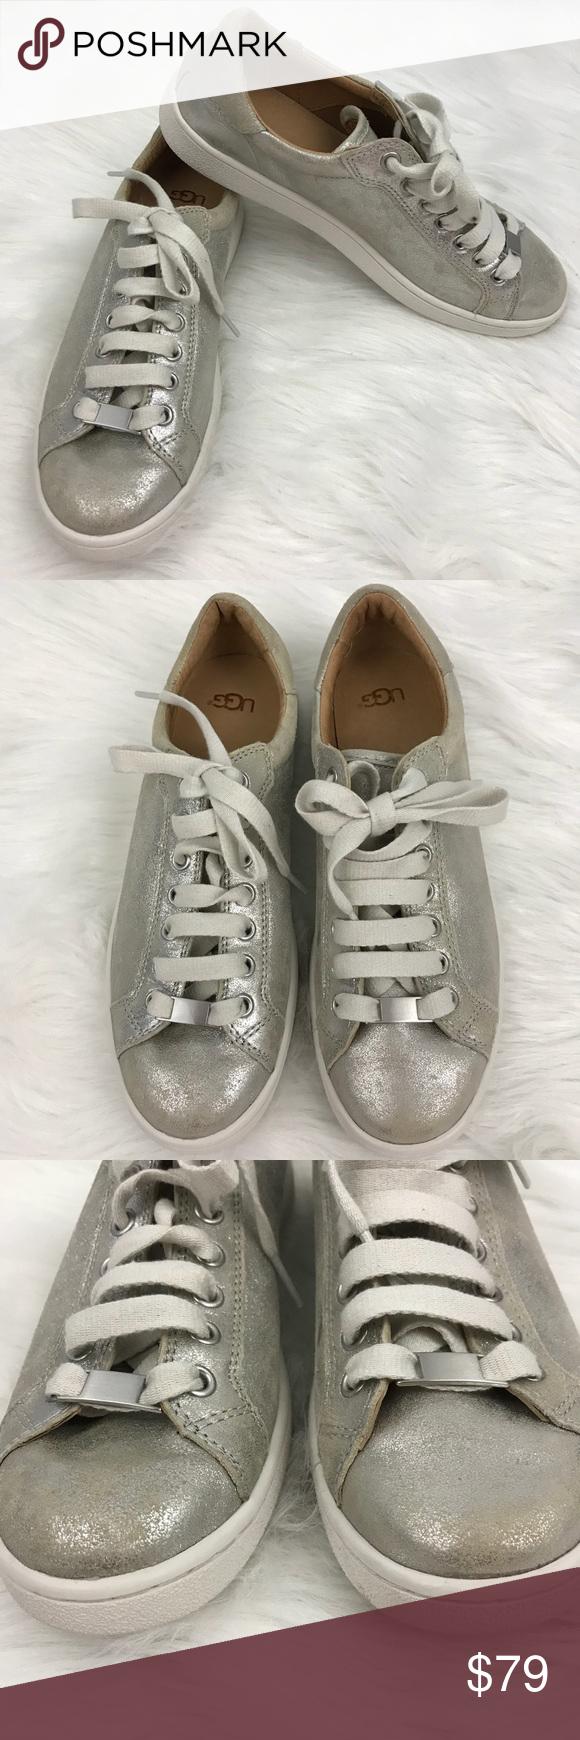 c2fd1fe0528 UGG Milo Stardust Sneaker Metallic Silver Size 8.5 A super ...